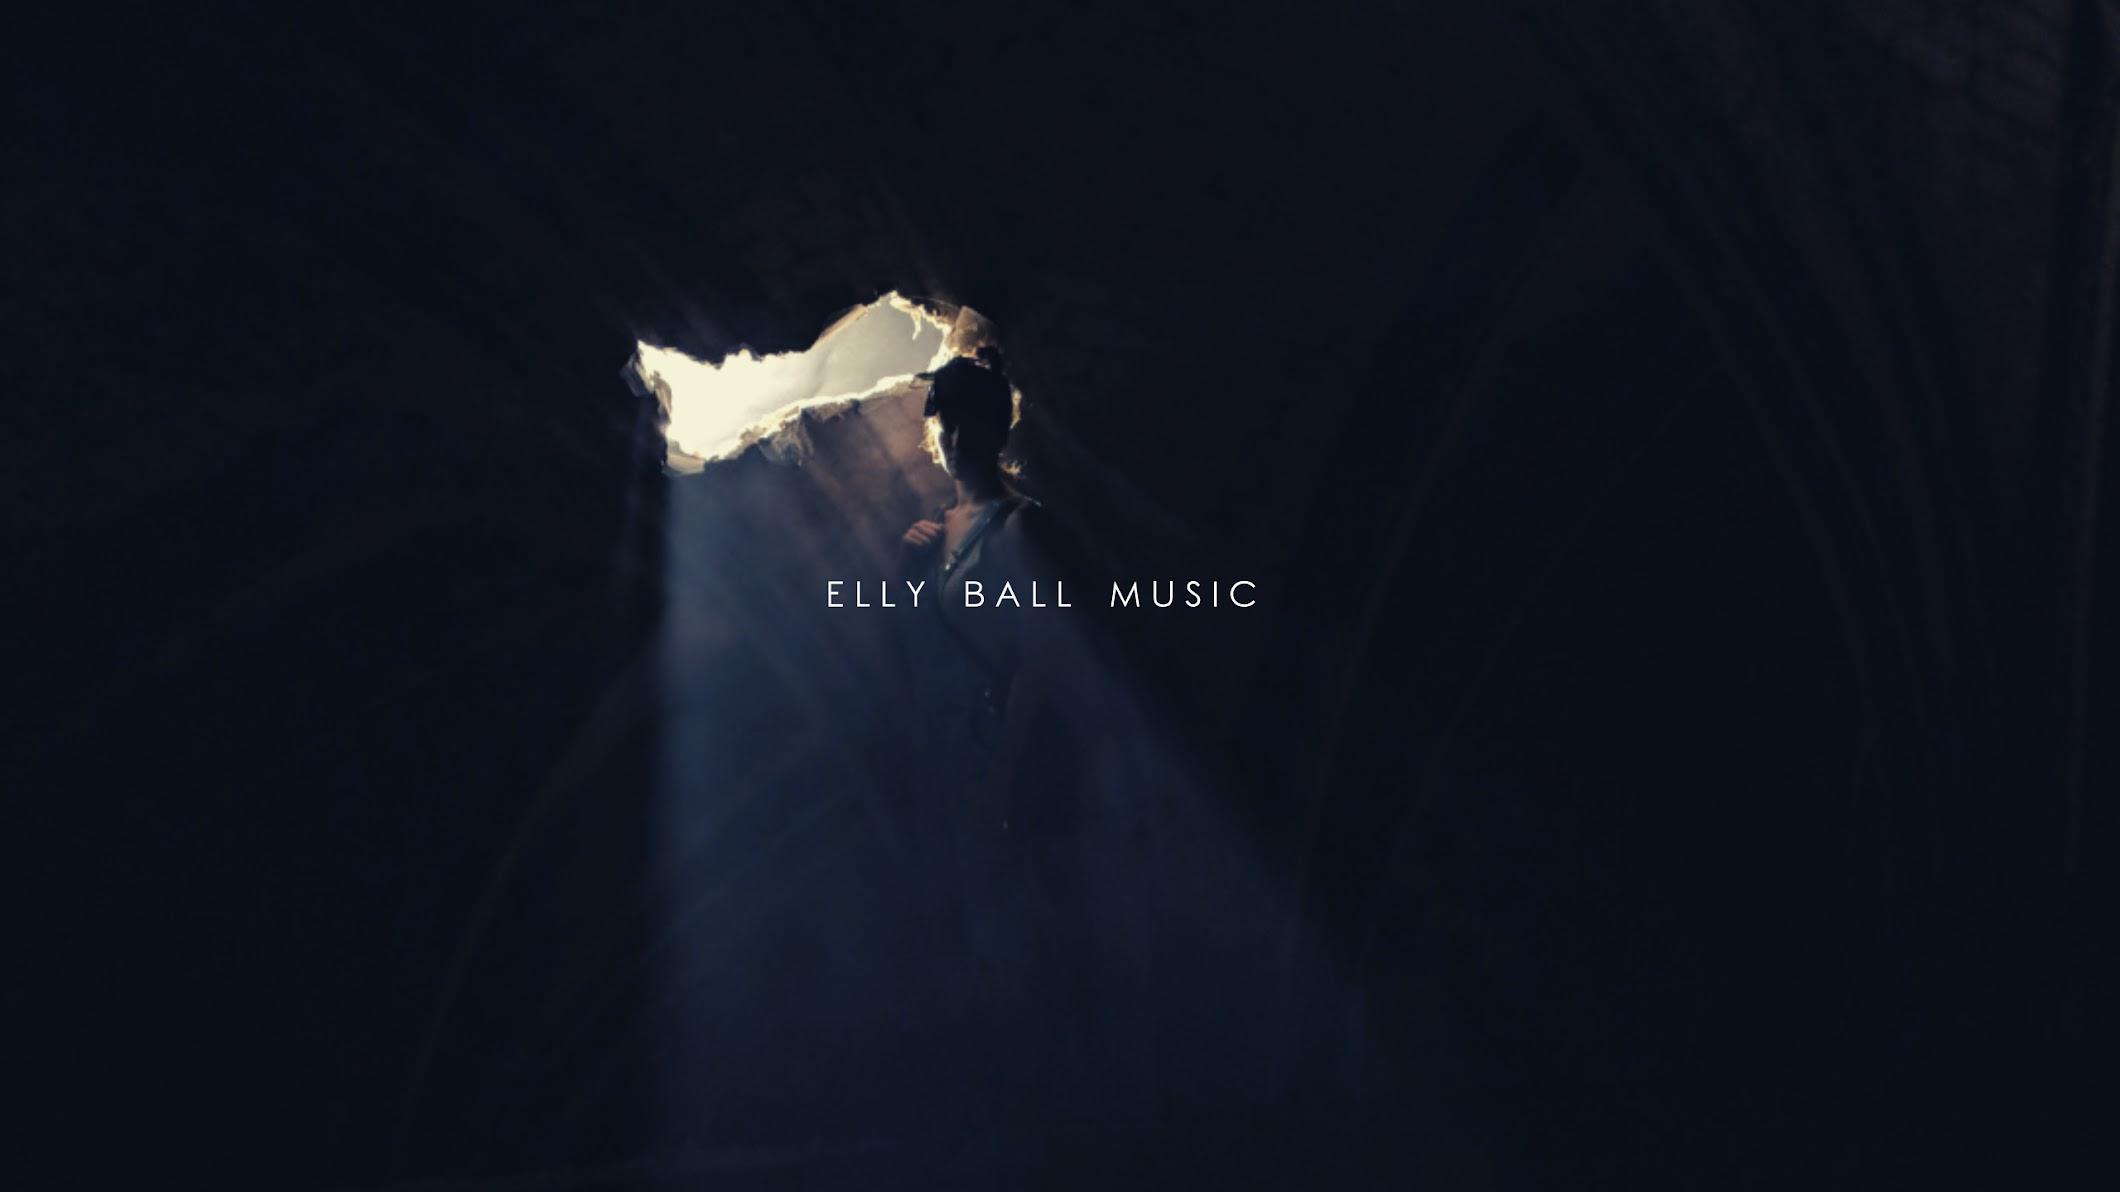 Elly Ball